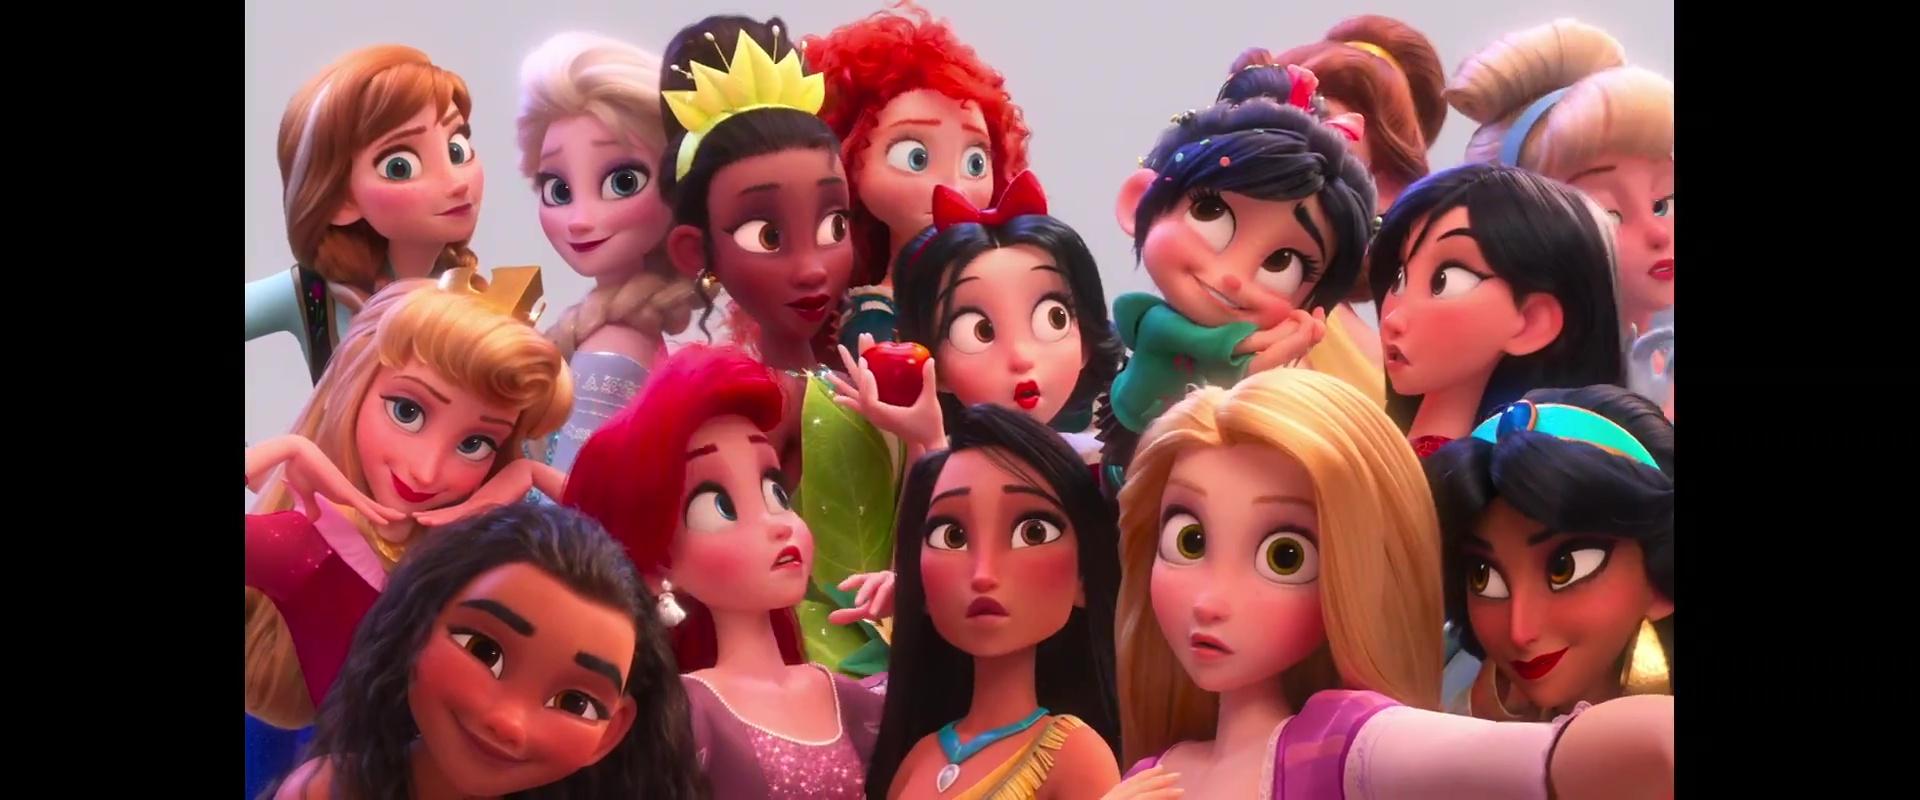 Ralph 2 0 La Nouvelle Bande Annonce Et Affiche Disney